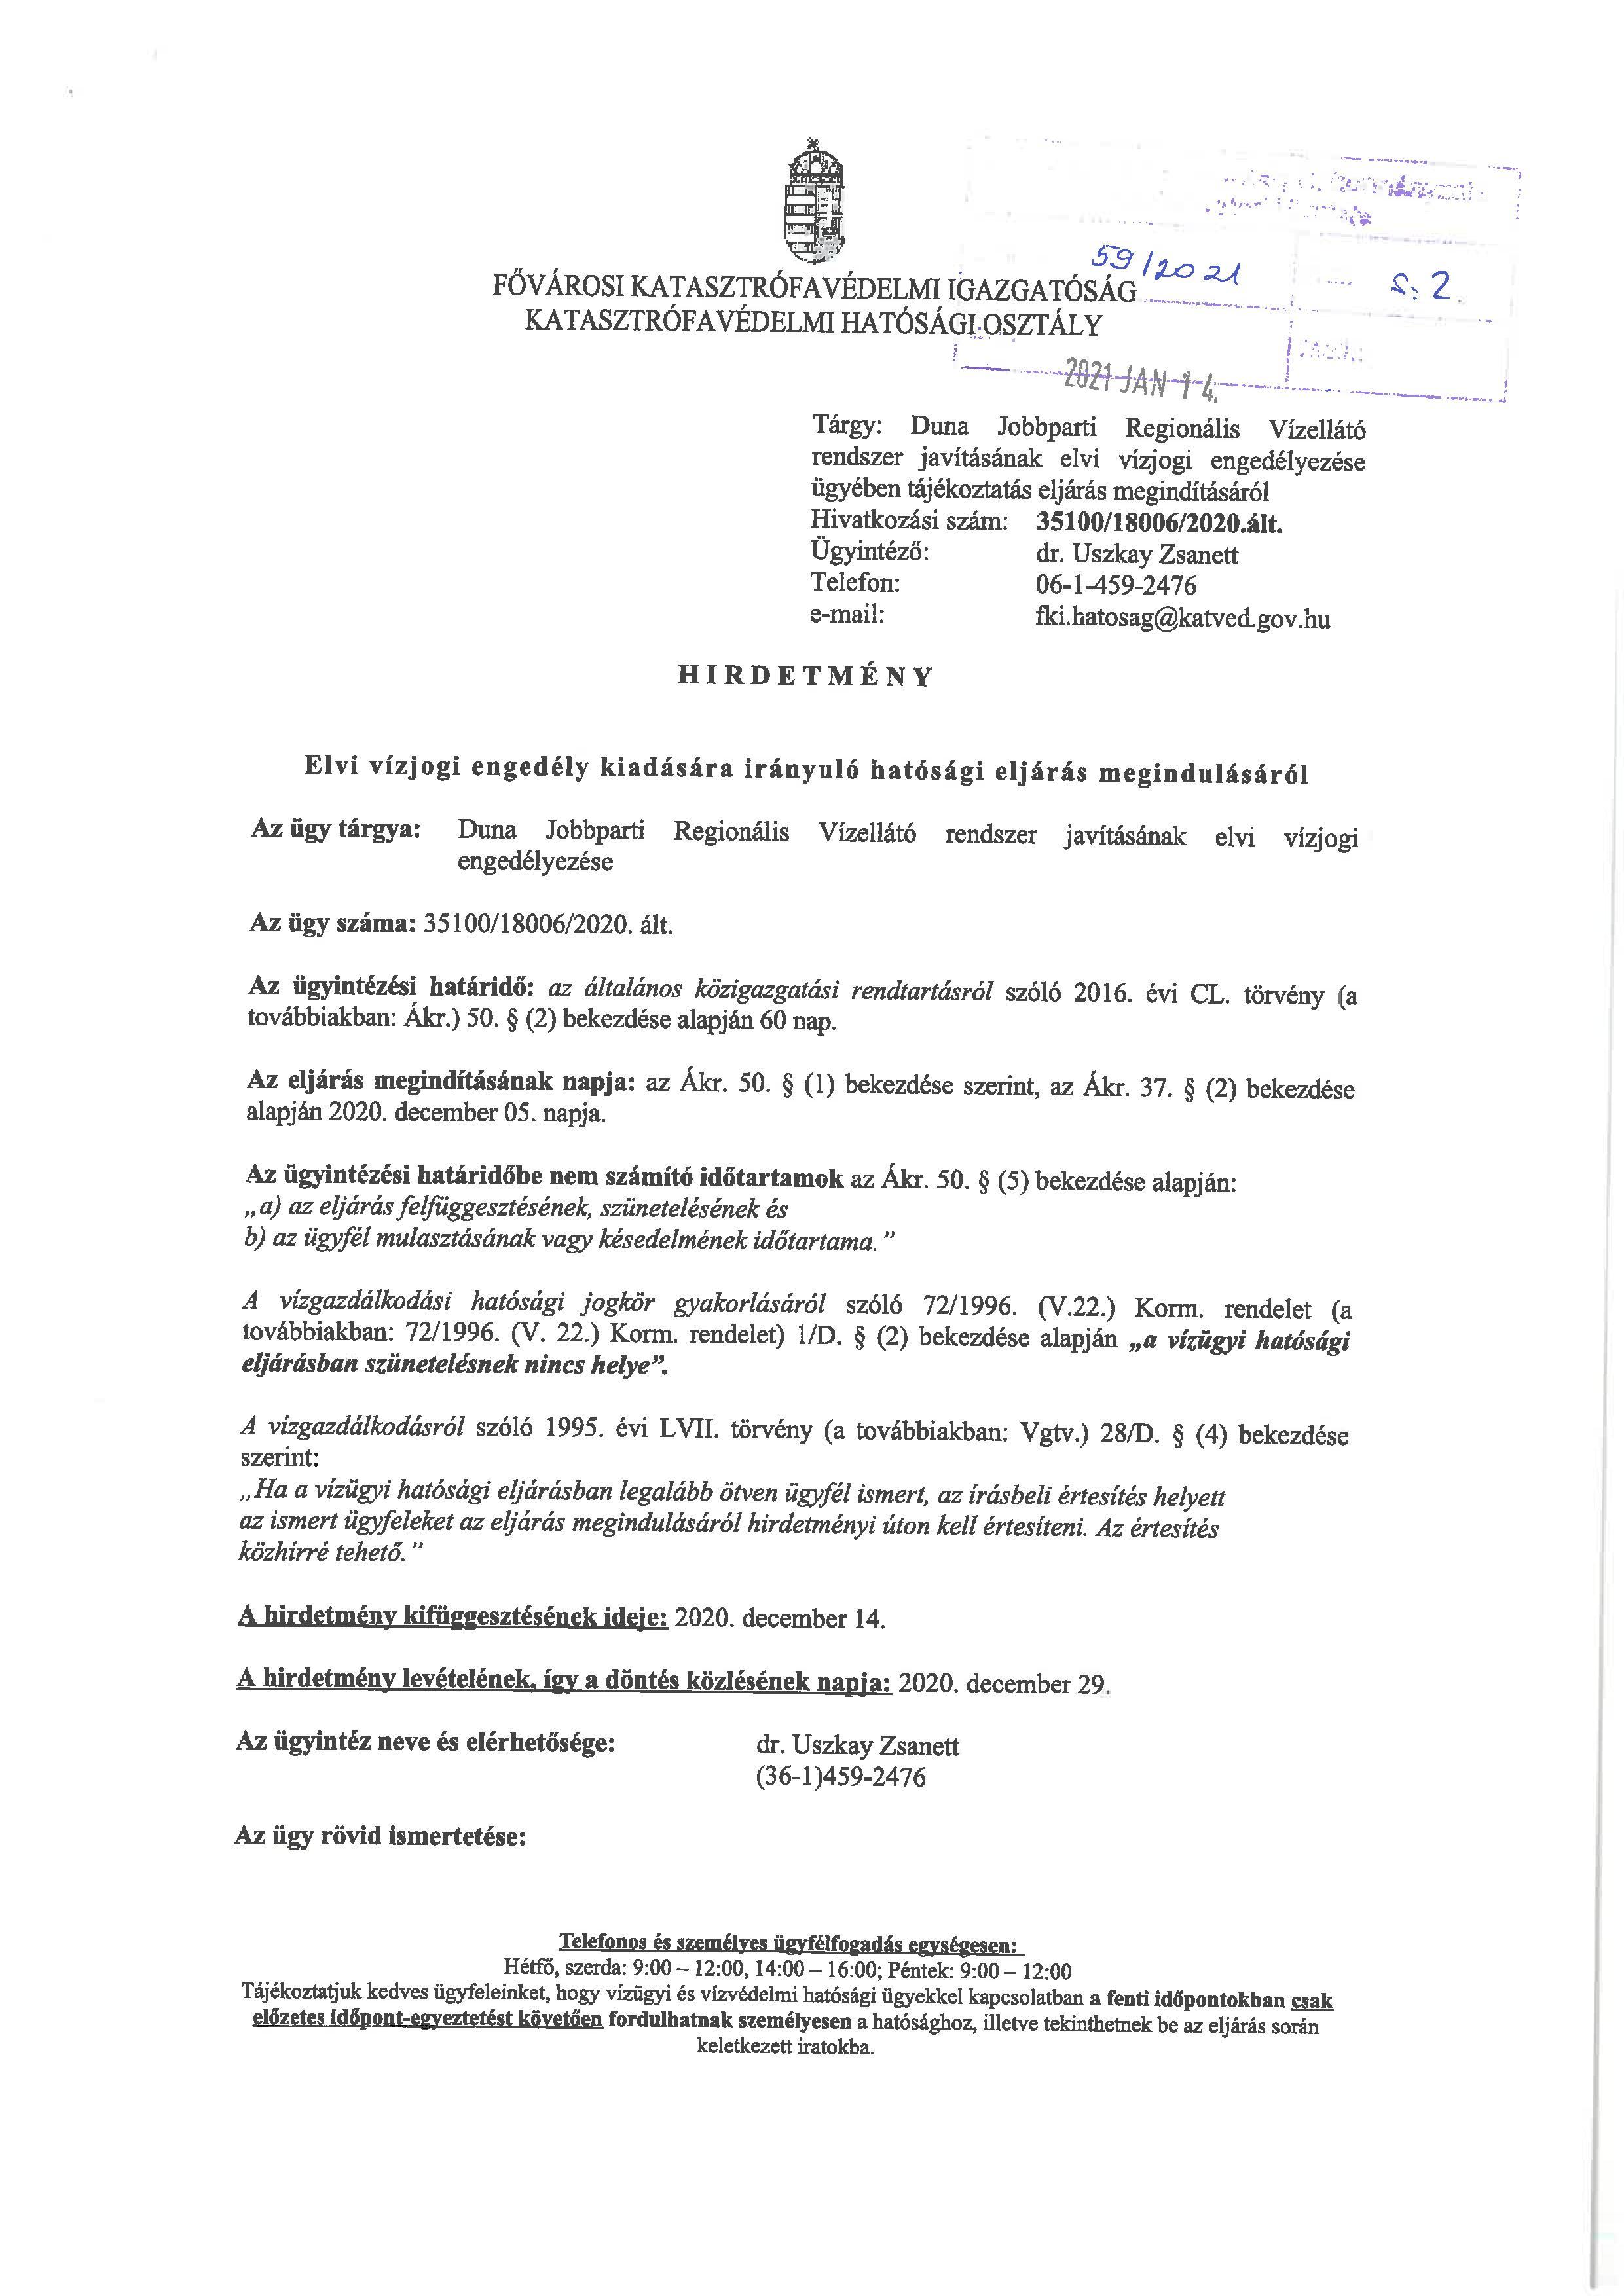 DMRV vízjogi engedély 1